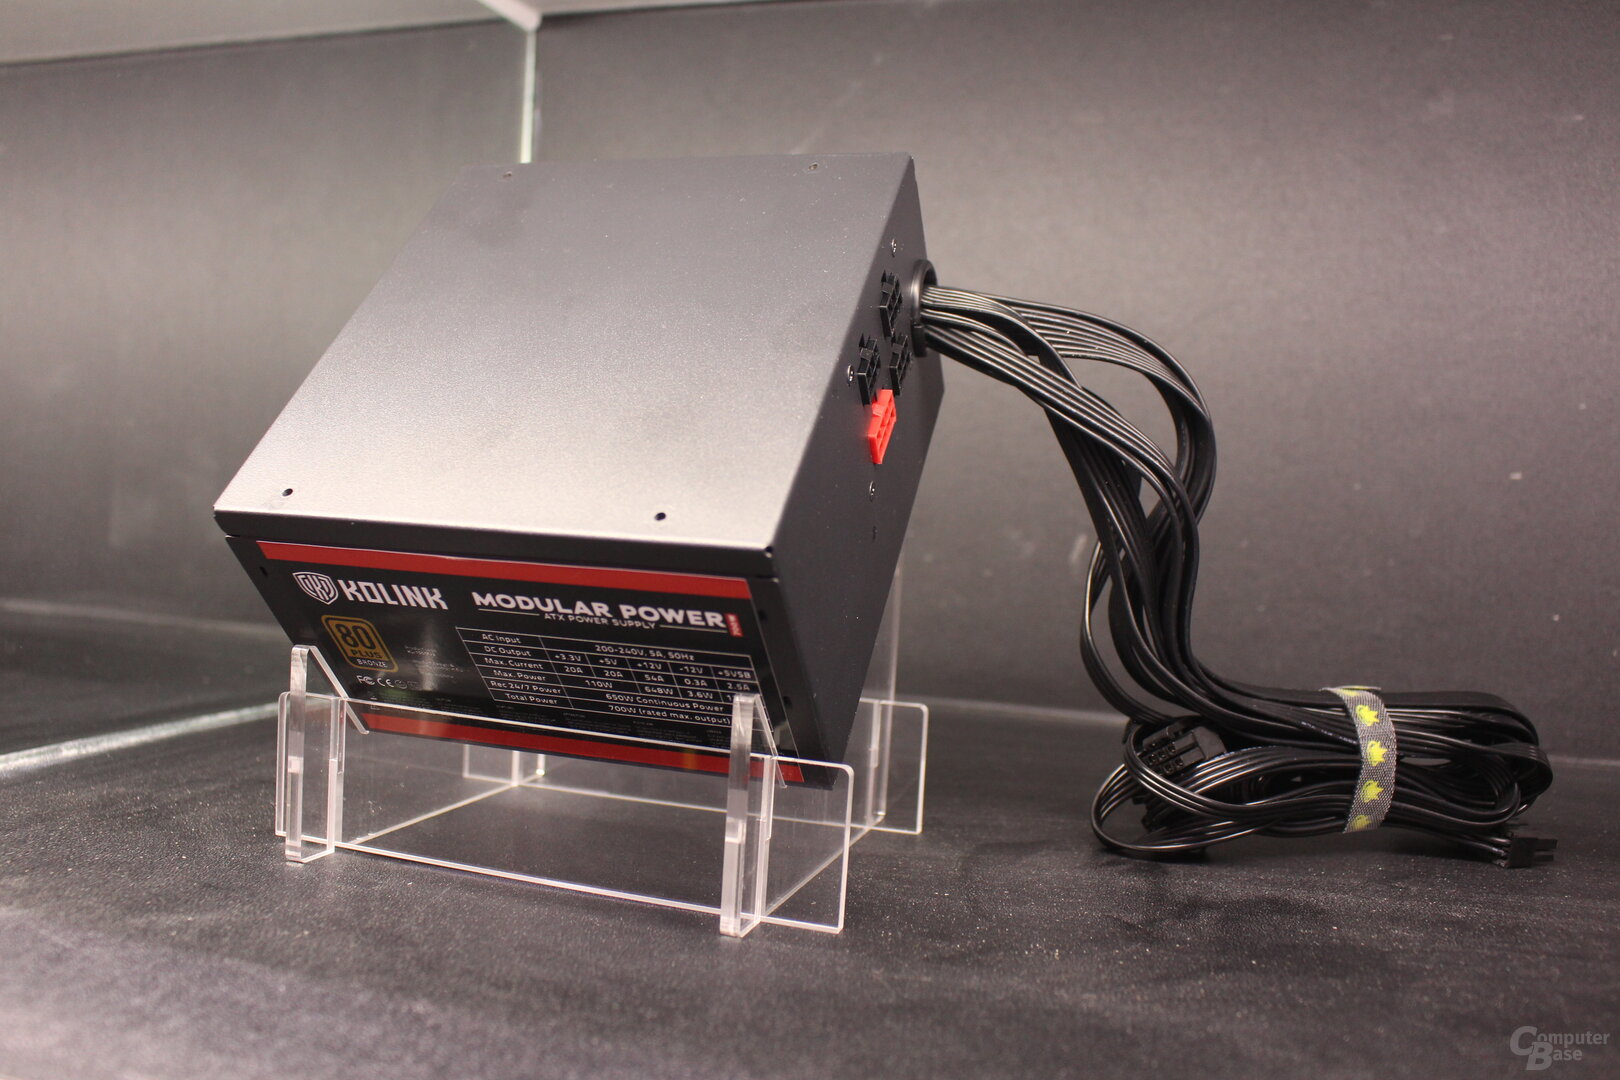 Kolink Modular Power Series